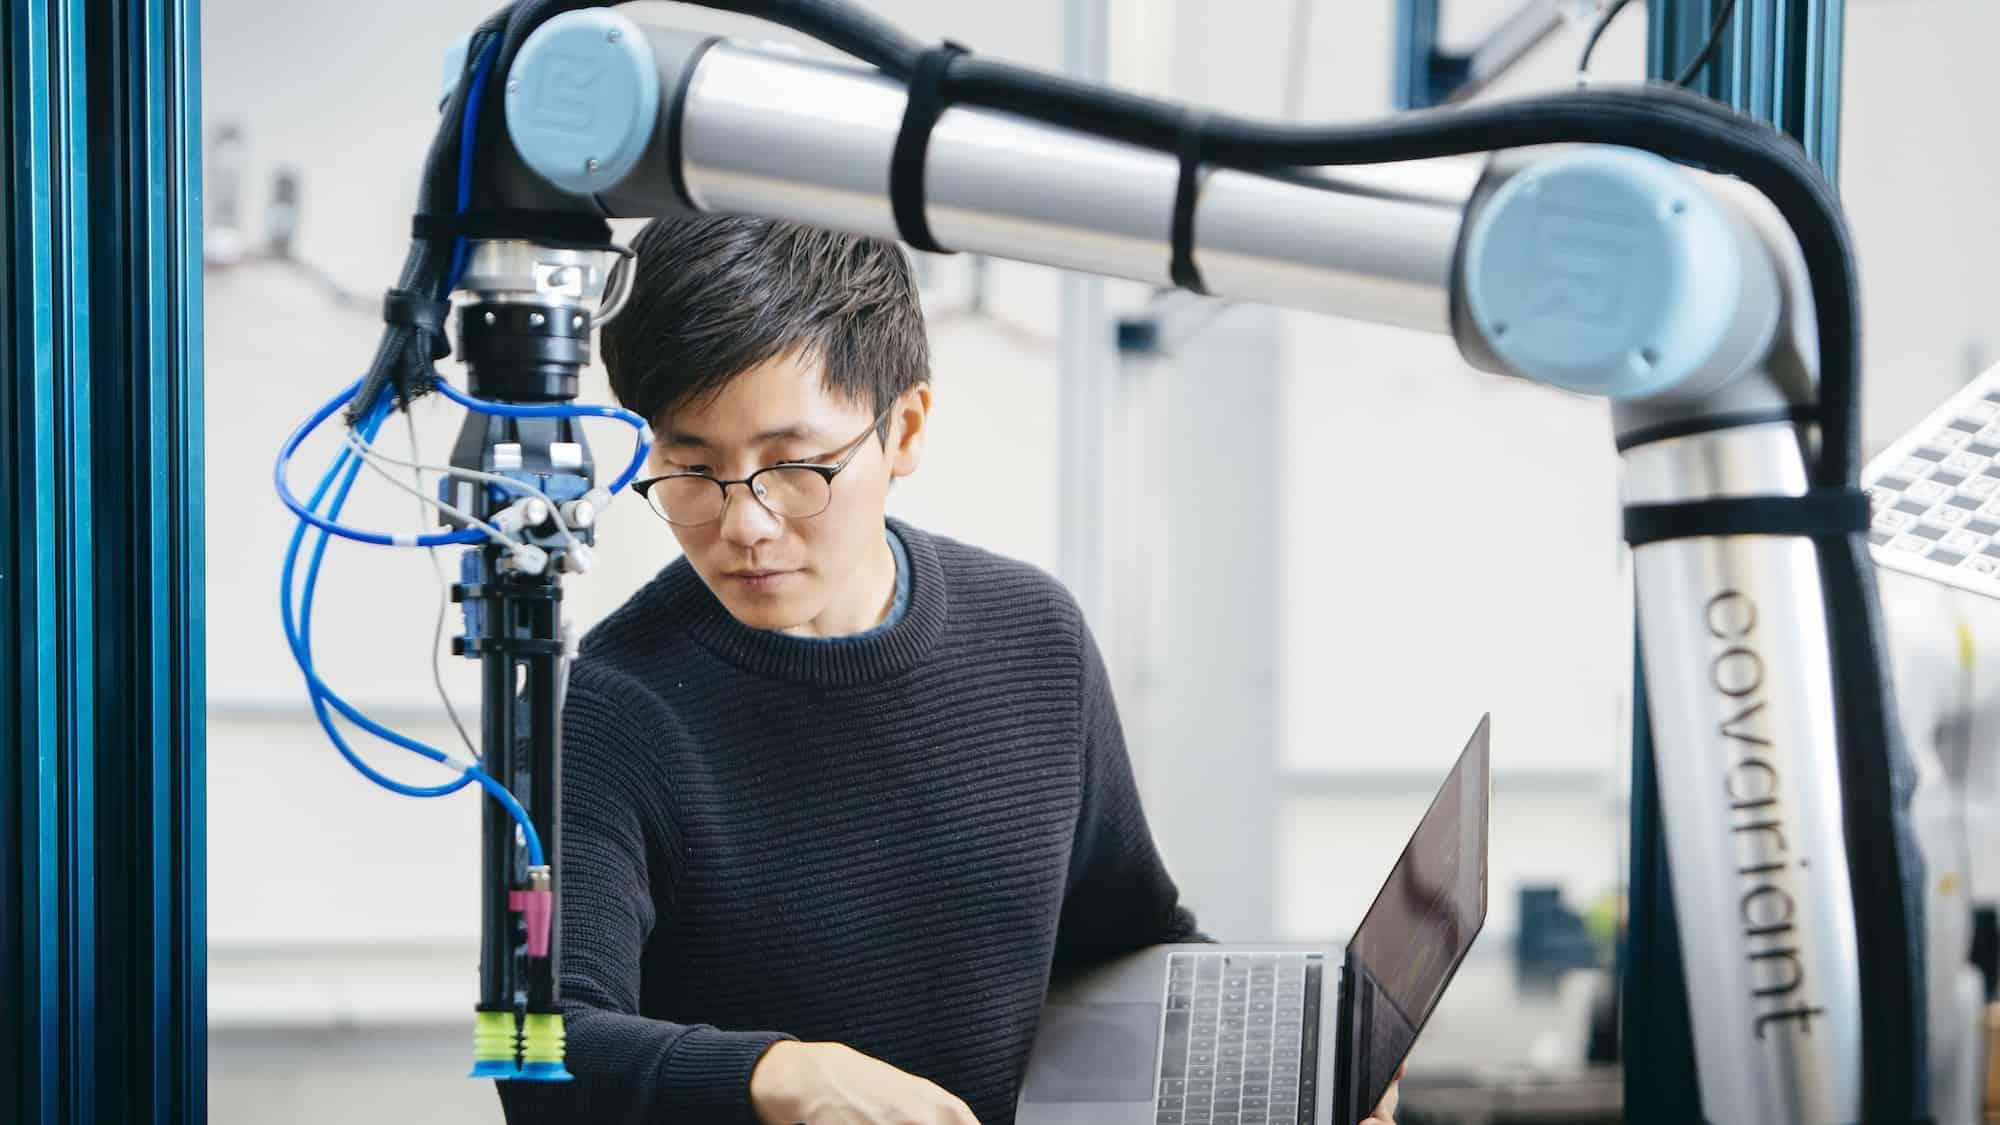 الروبوتات والذكاء الاصطناعي